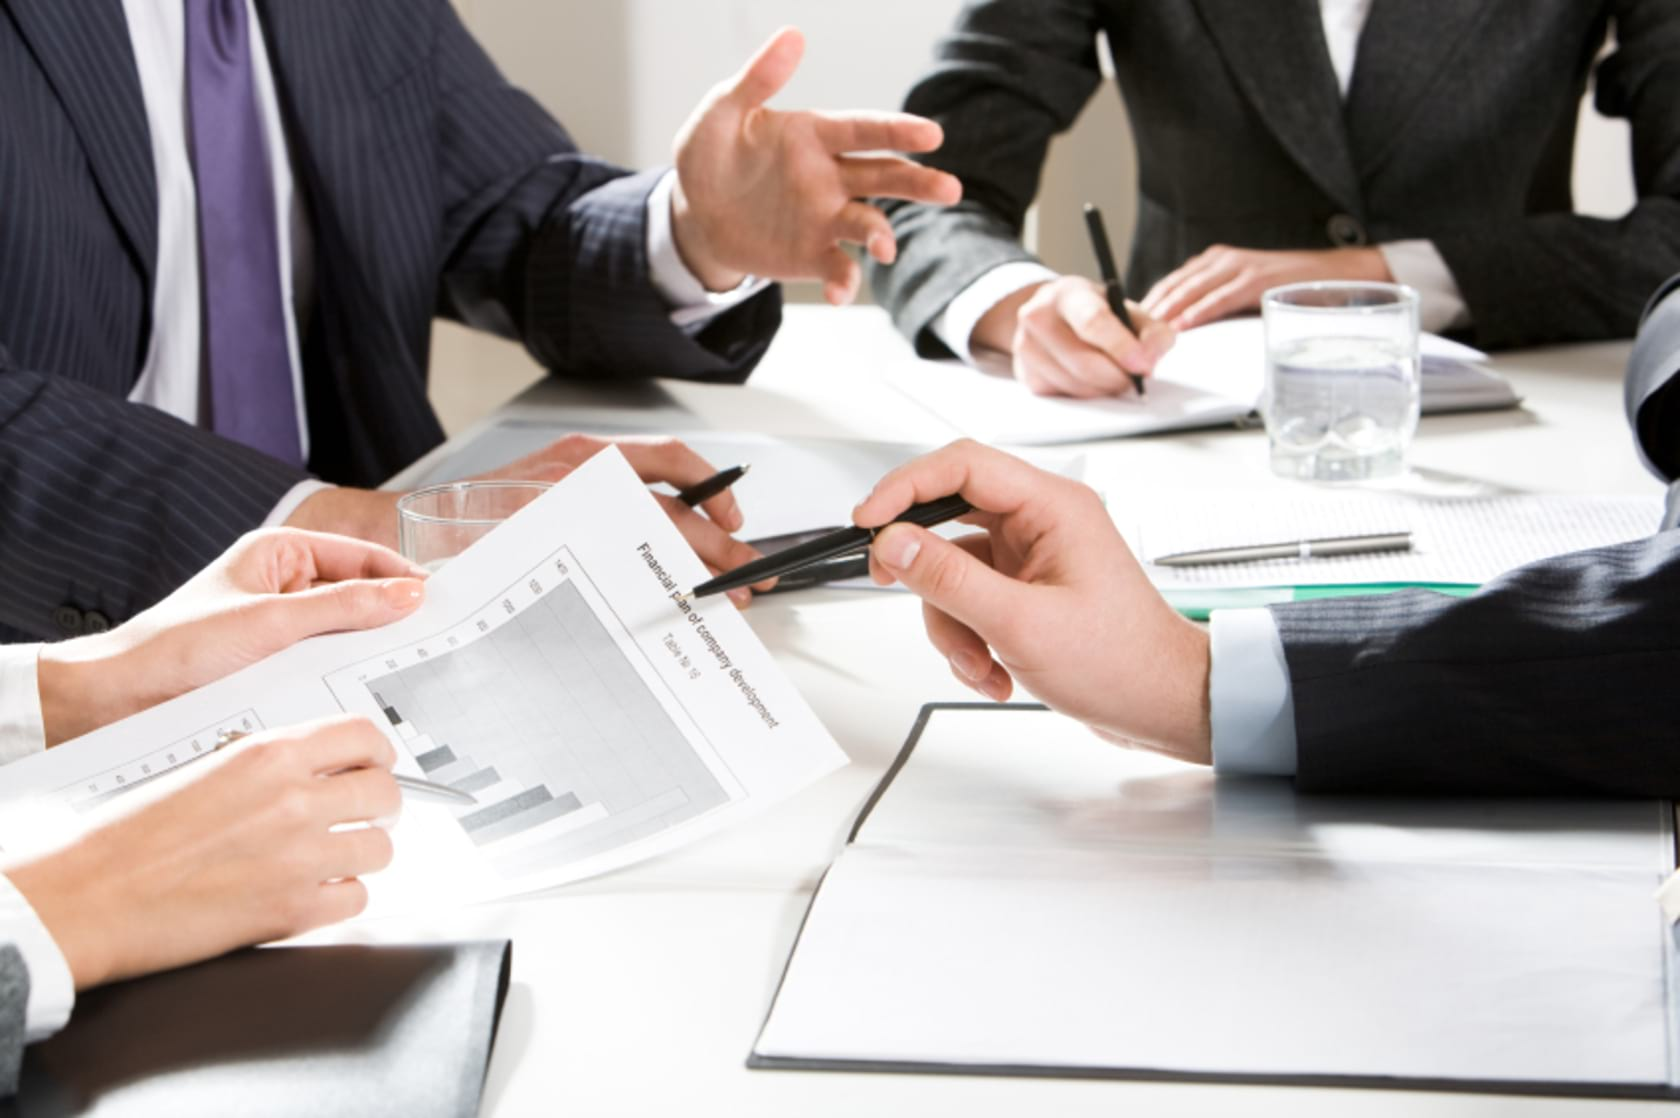 Alcanza los objetivos del negocio mediante el seguimiento y control de indicadores de desempeño kpis